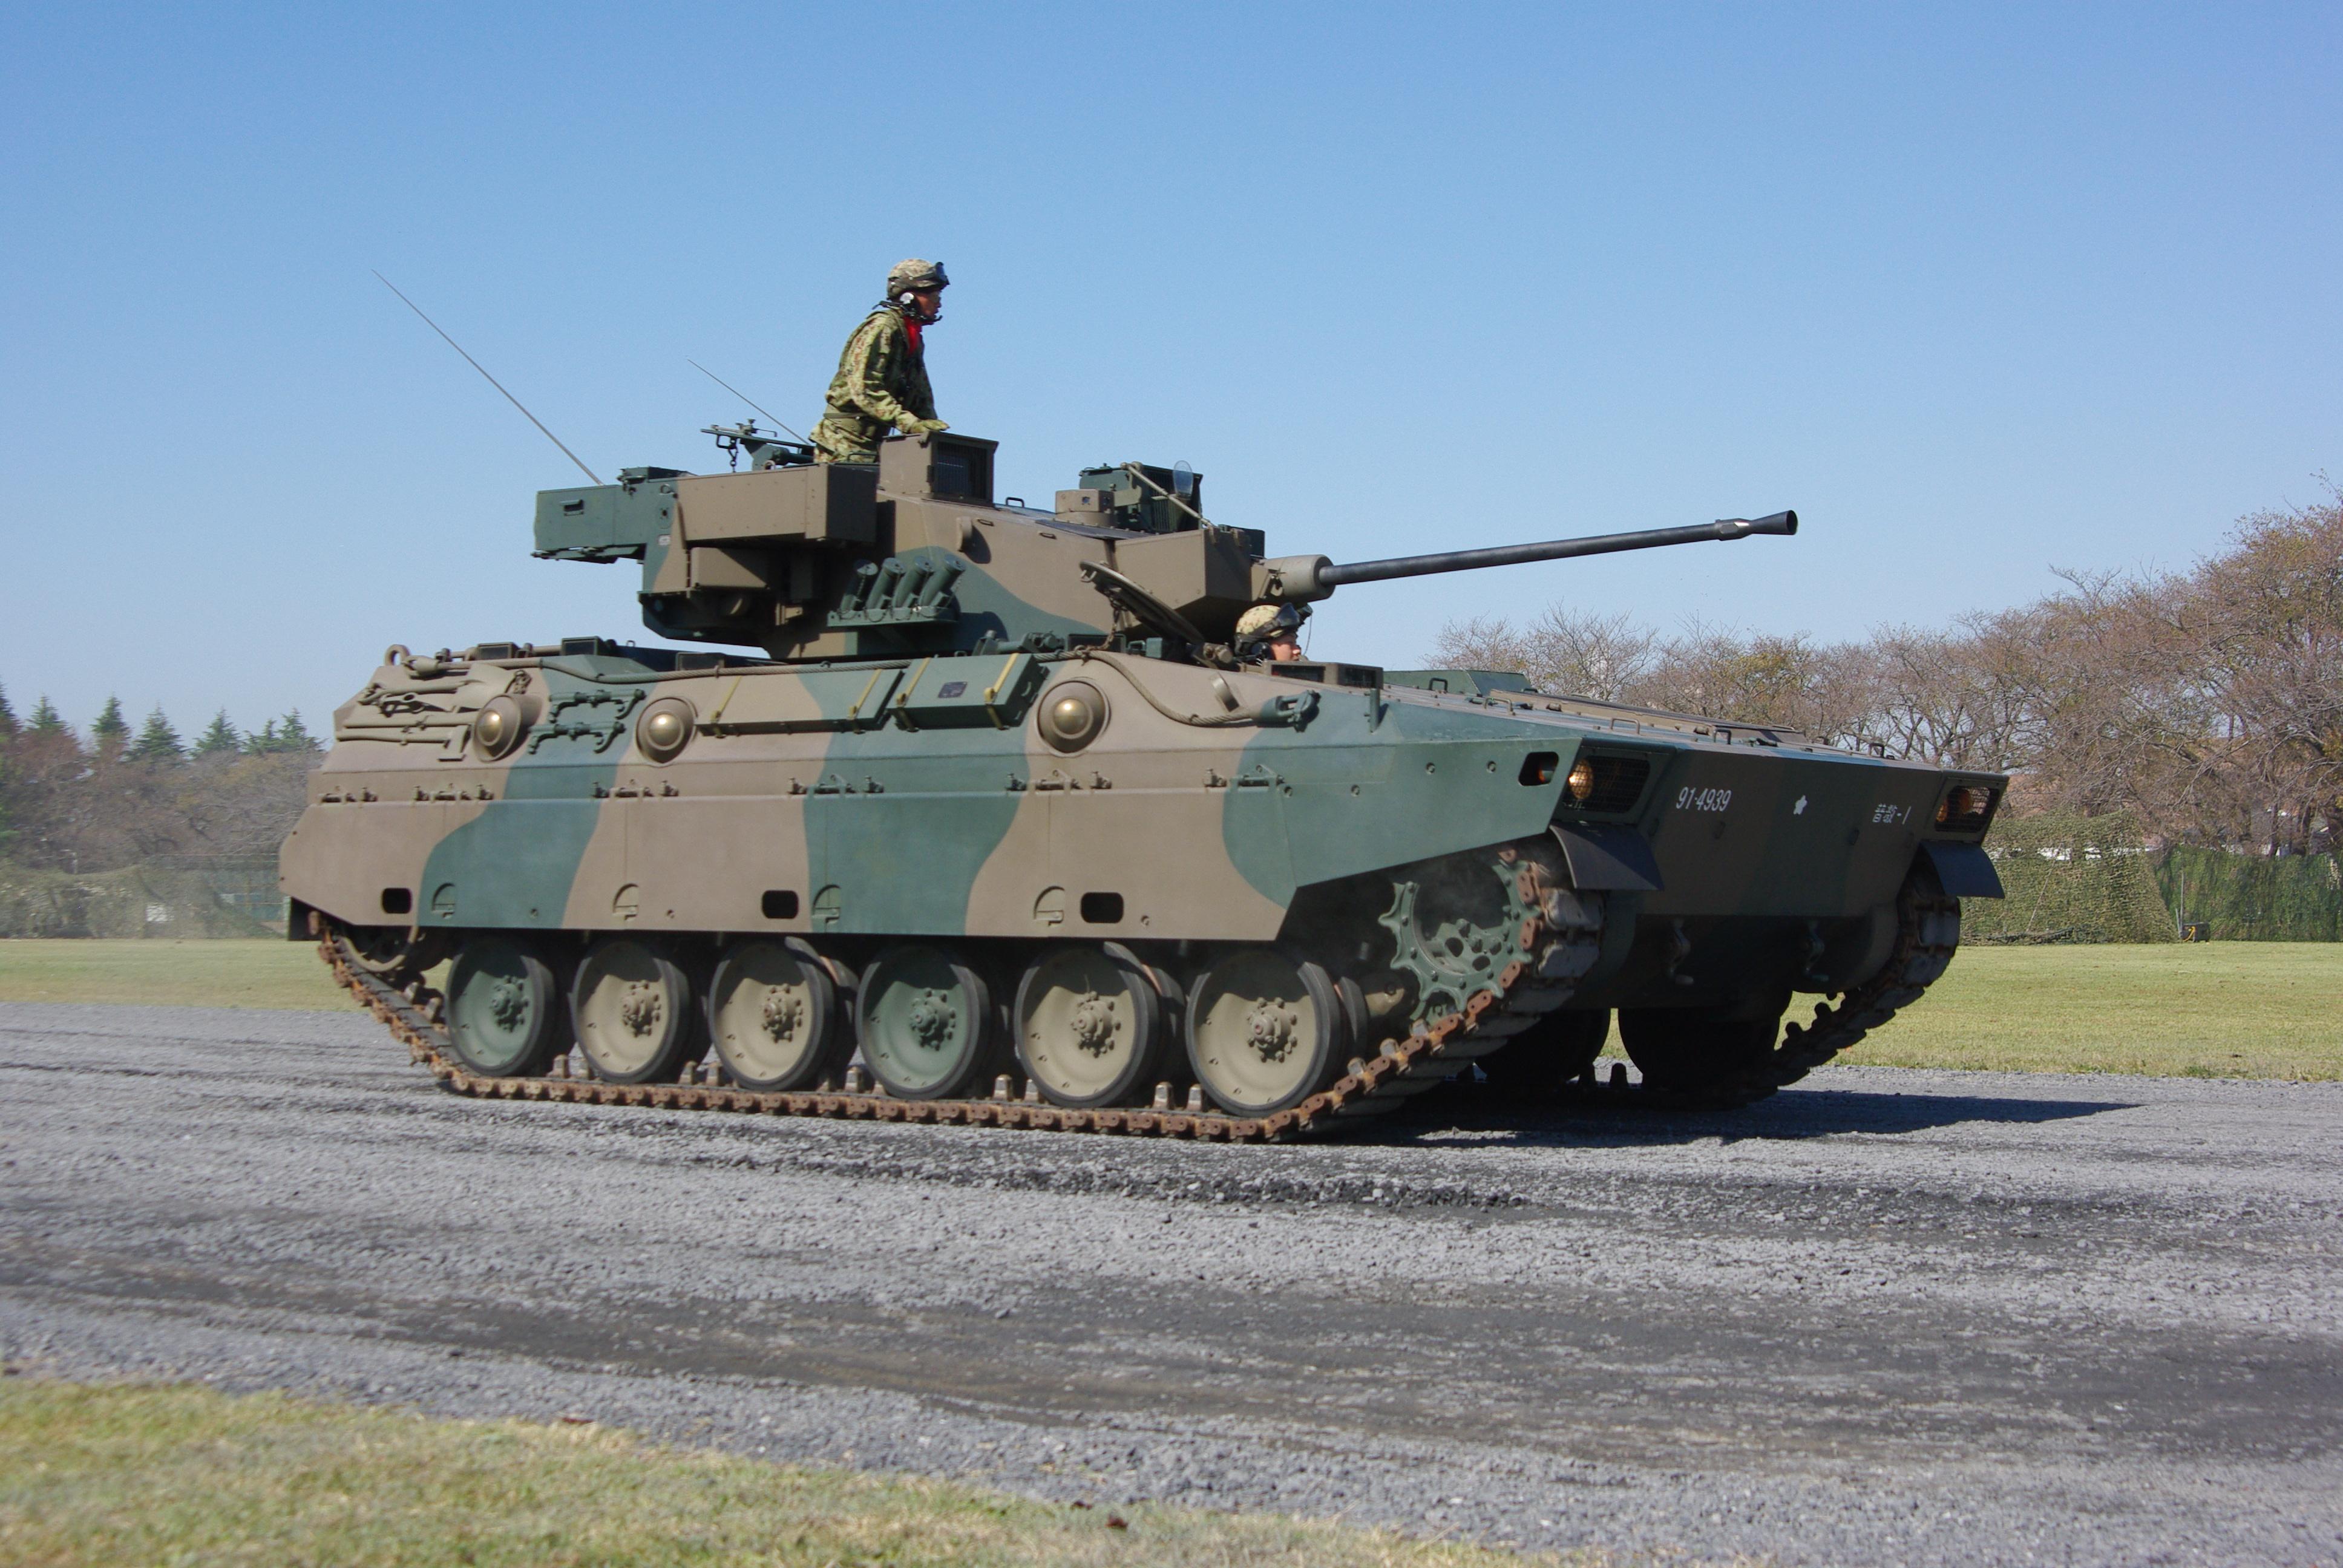 الصناعة العسكرية اليابانية,,,ماذا بعد؟! JGSDF_IFV_Type_89_20121021-01